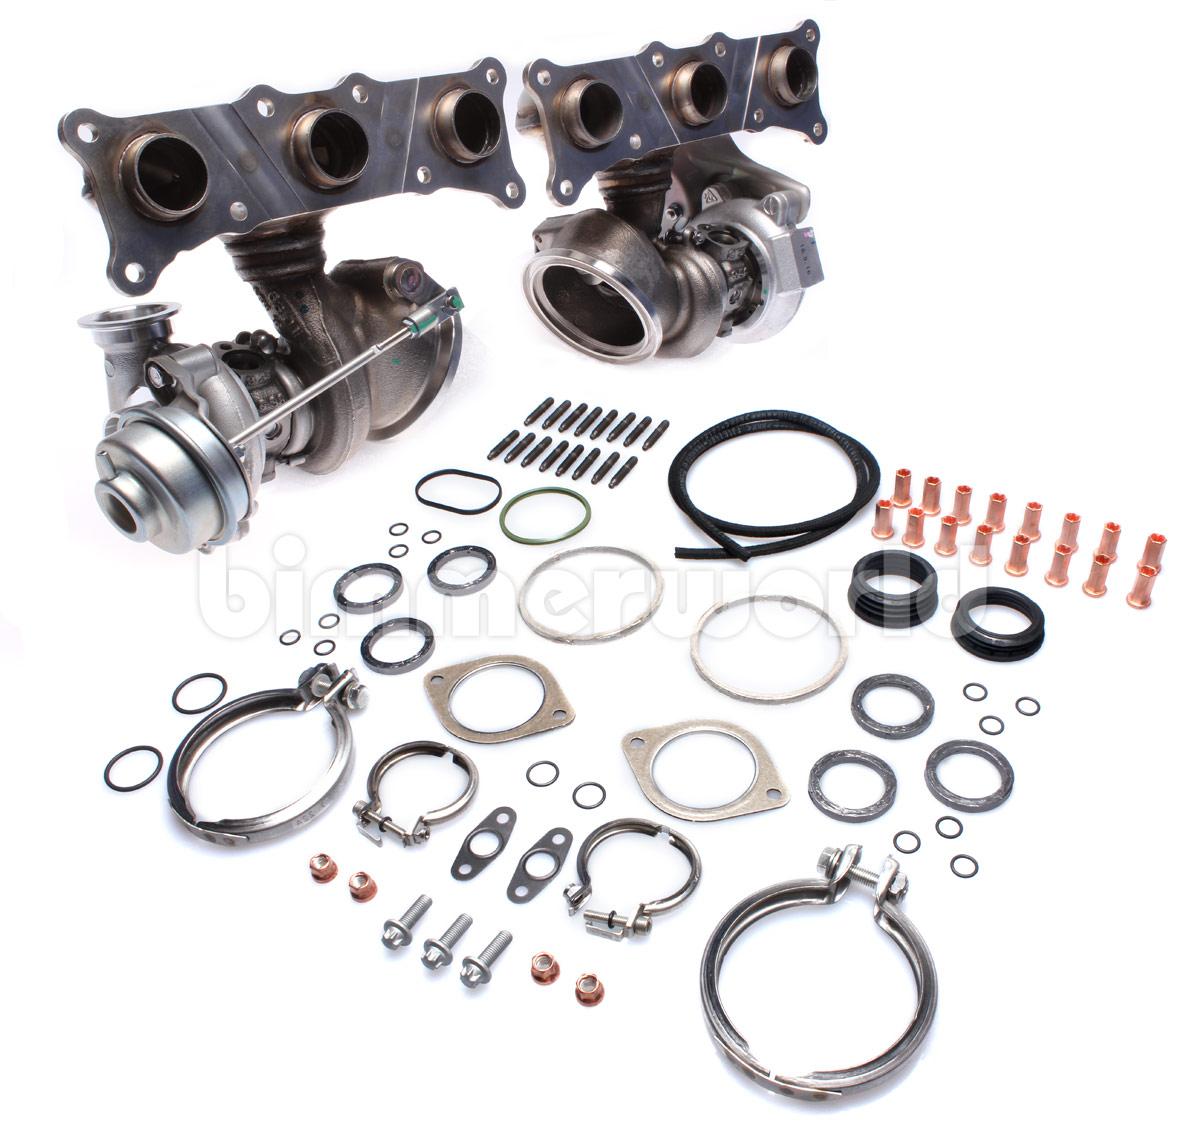 E9X 335i & 335xi N54 Turbo Overhaul Package (2007-2010)